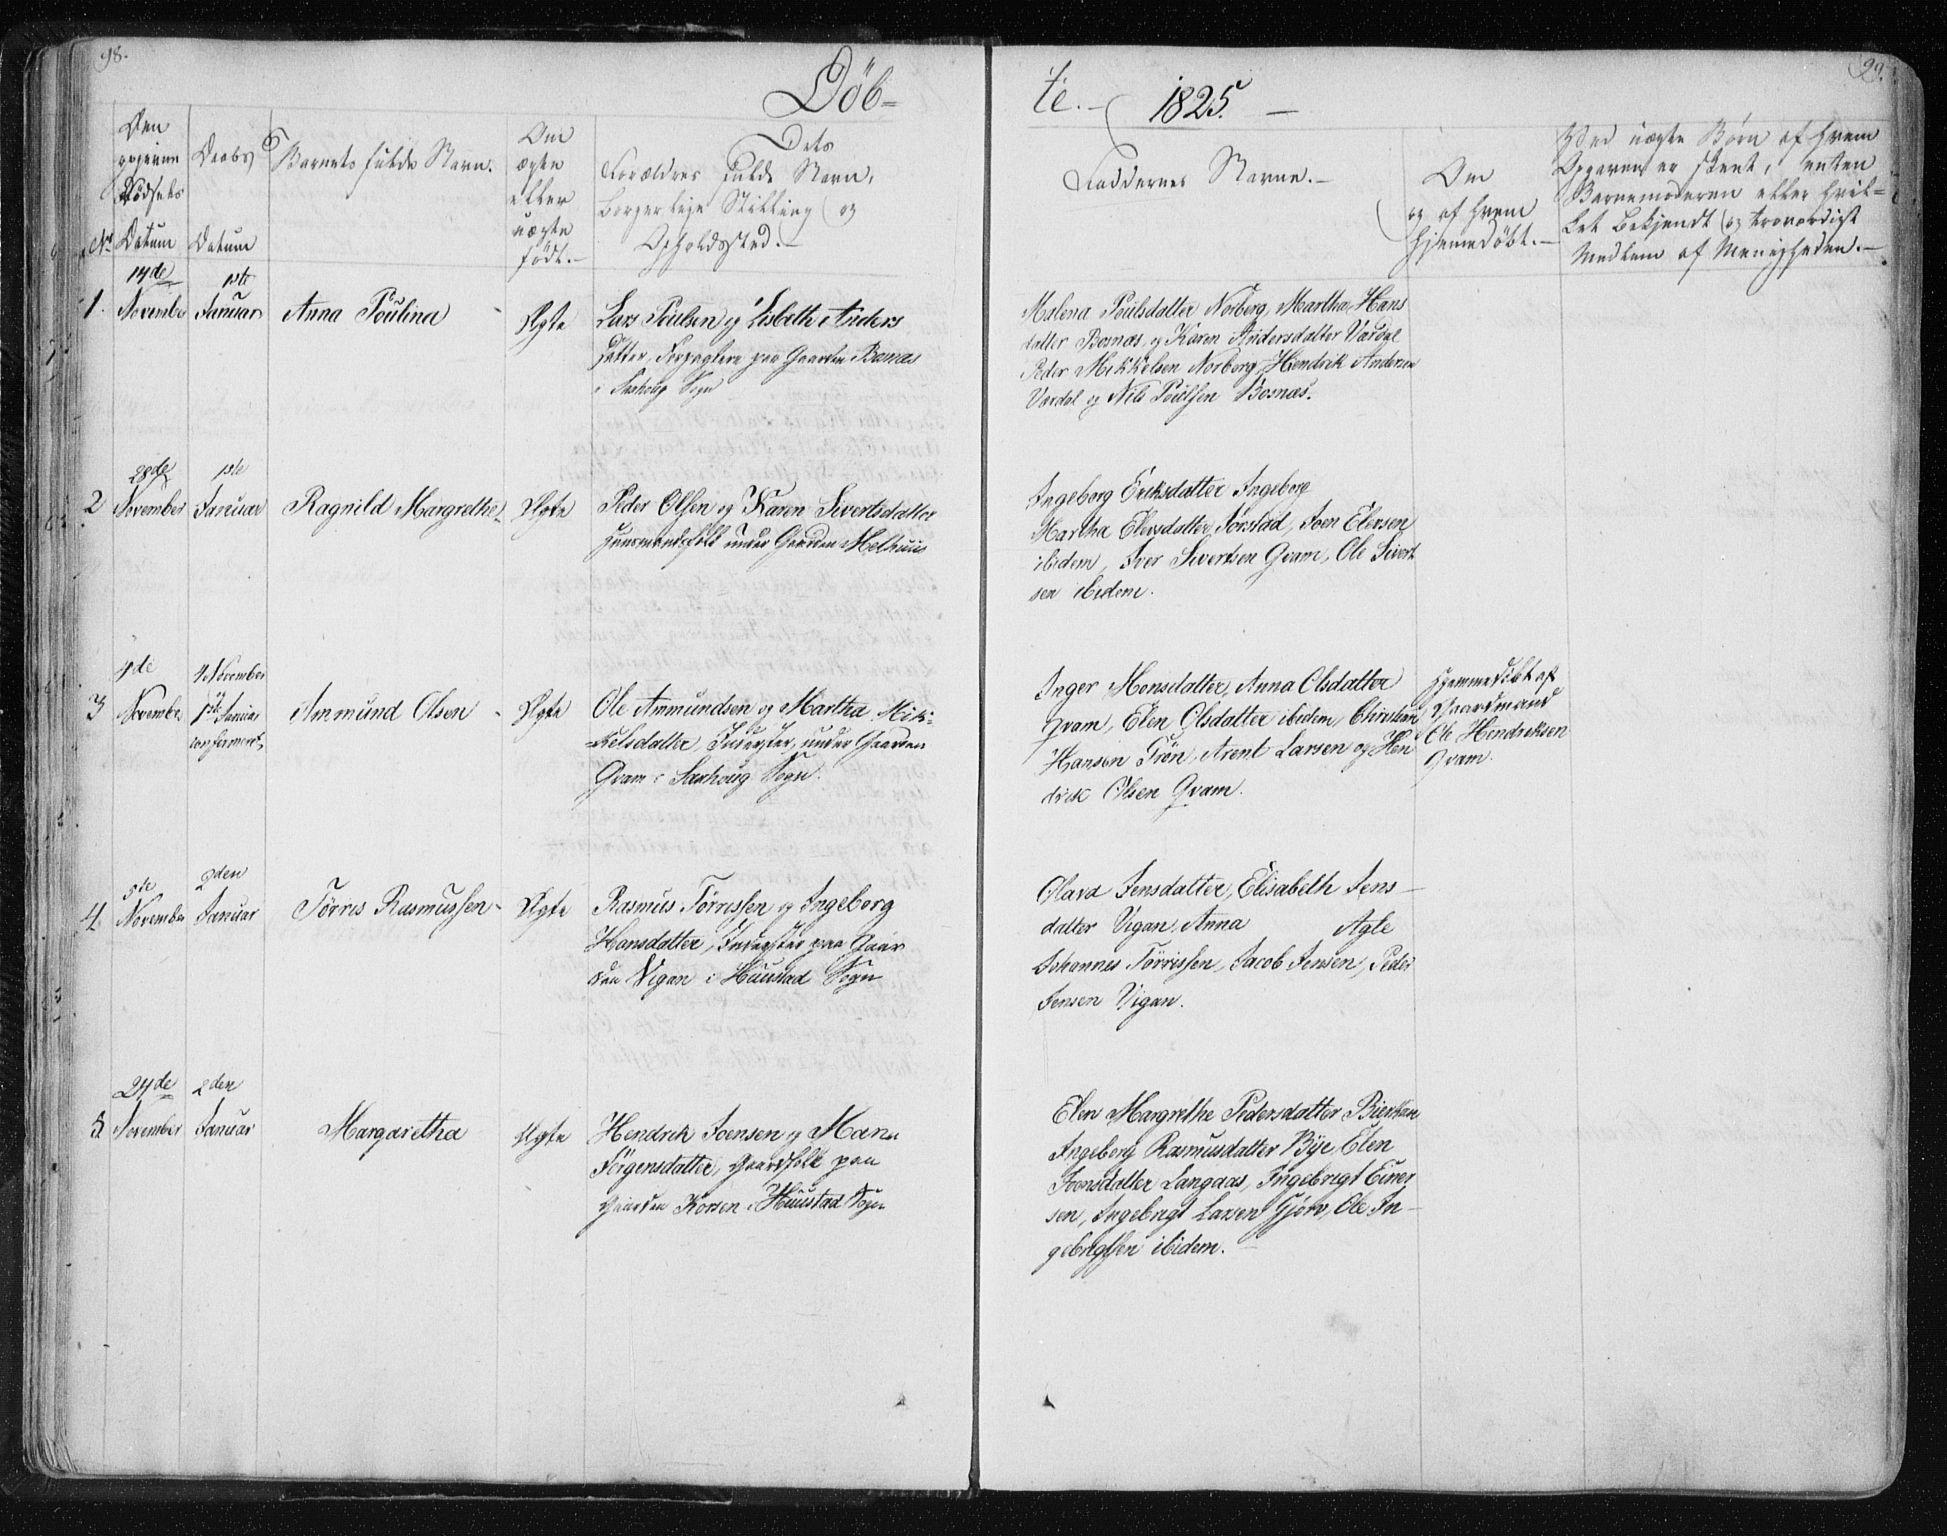 SAT, Ministerialprotokoller, klokkerbøker og fødselsregistre - Nord-Trøndelag, 730/L0276: Ministerialbok nr. 730A05, 1822-1830, s. 98-99